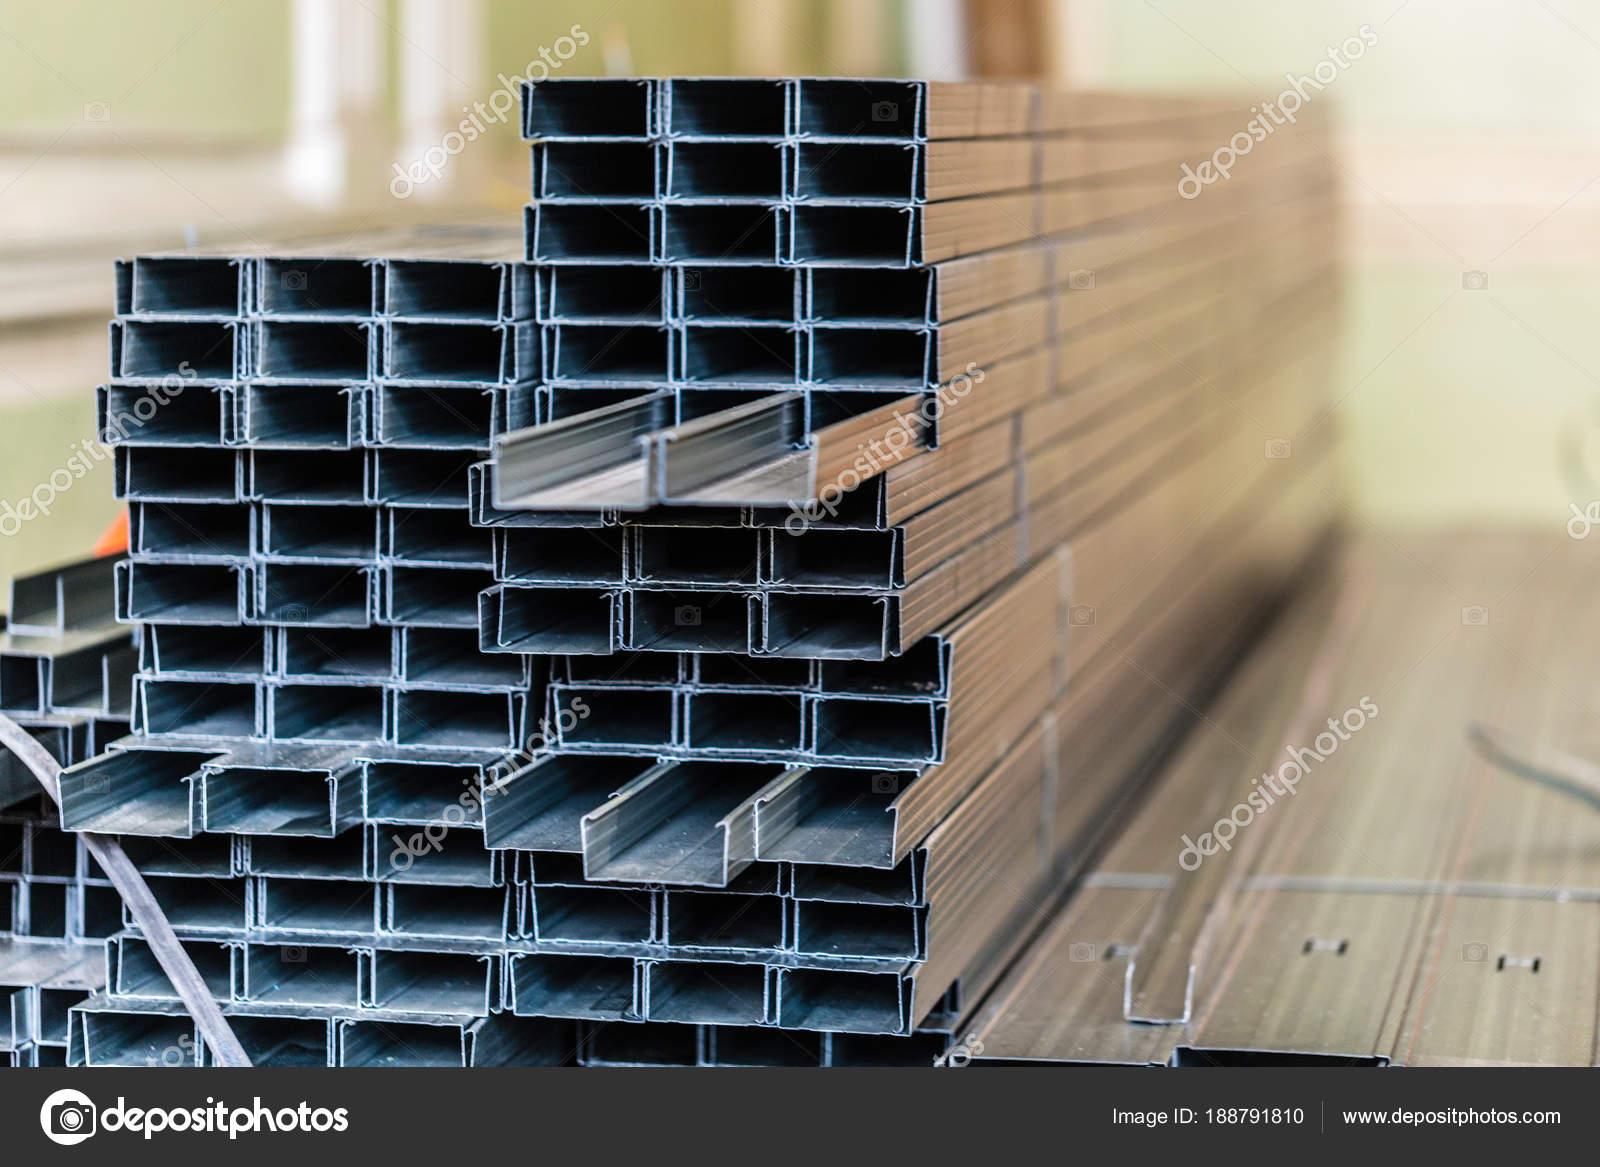 Cornici Per Pareti In Gesso : Cornici per pannelli di gesso per la fabbricazione delle pareti di